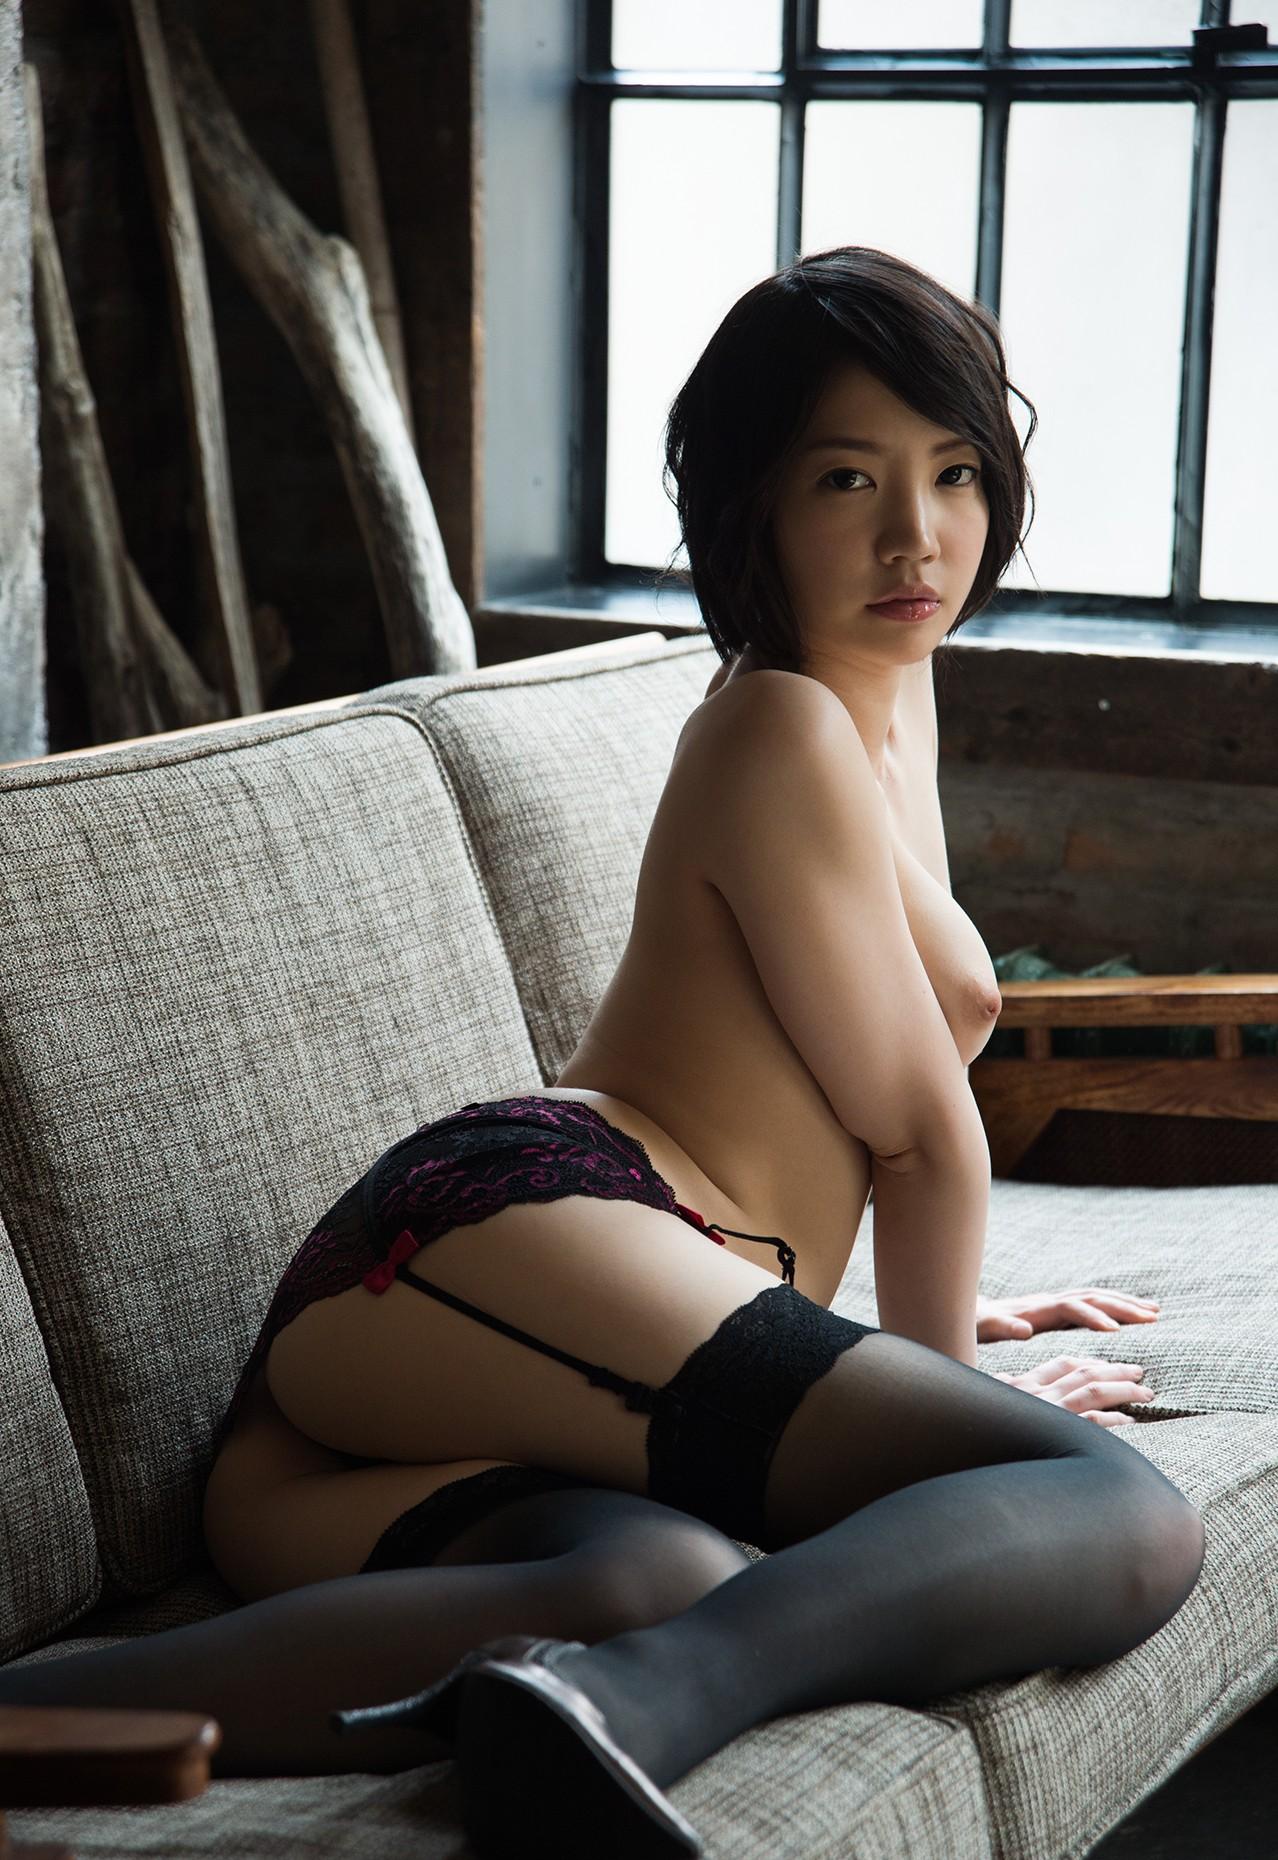 三次元 3次元 エロ画像 AV女優 鈴木心春  ヌード べっぴん娘通信 057